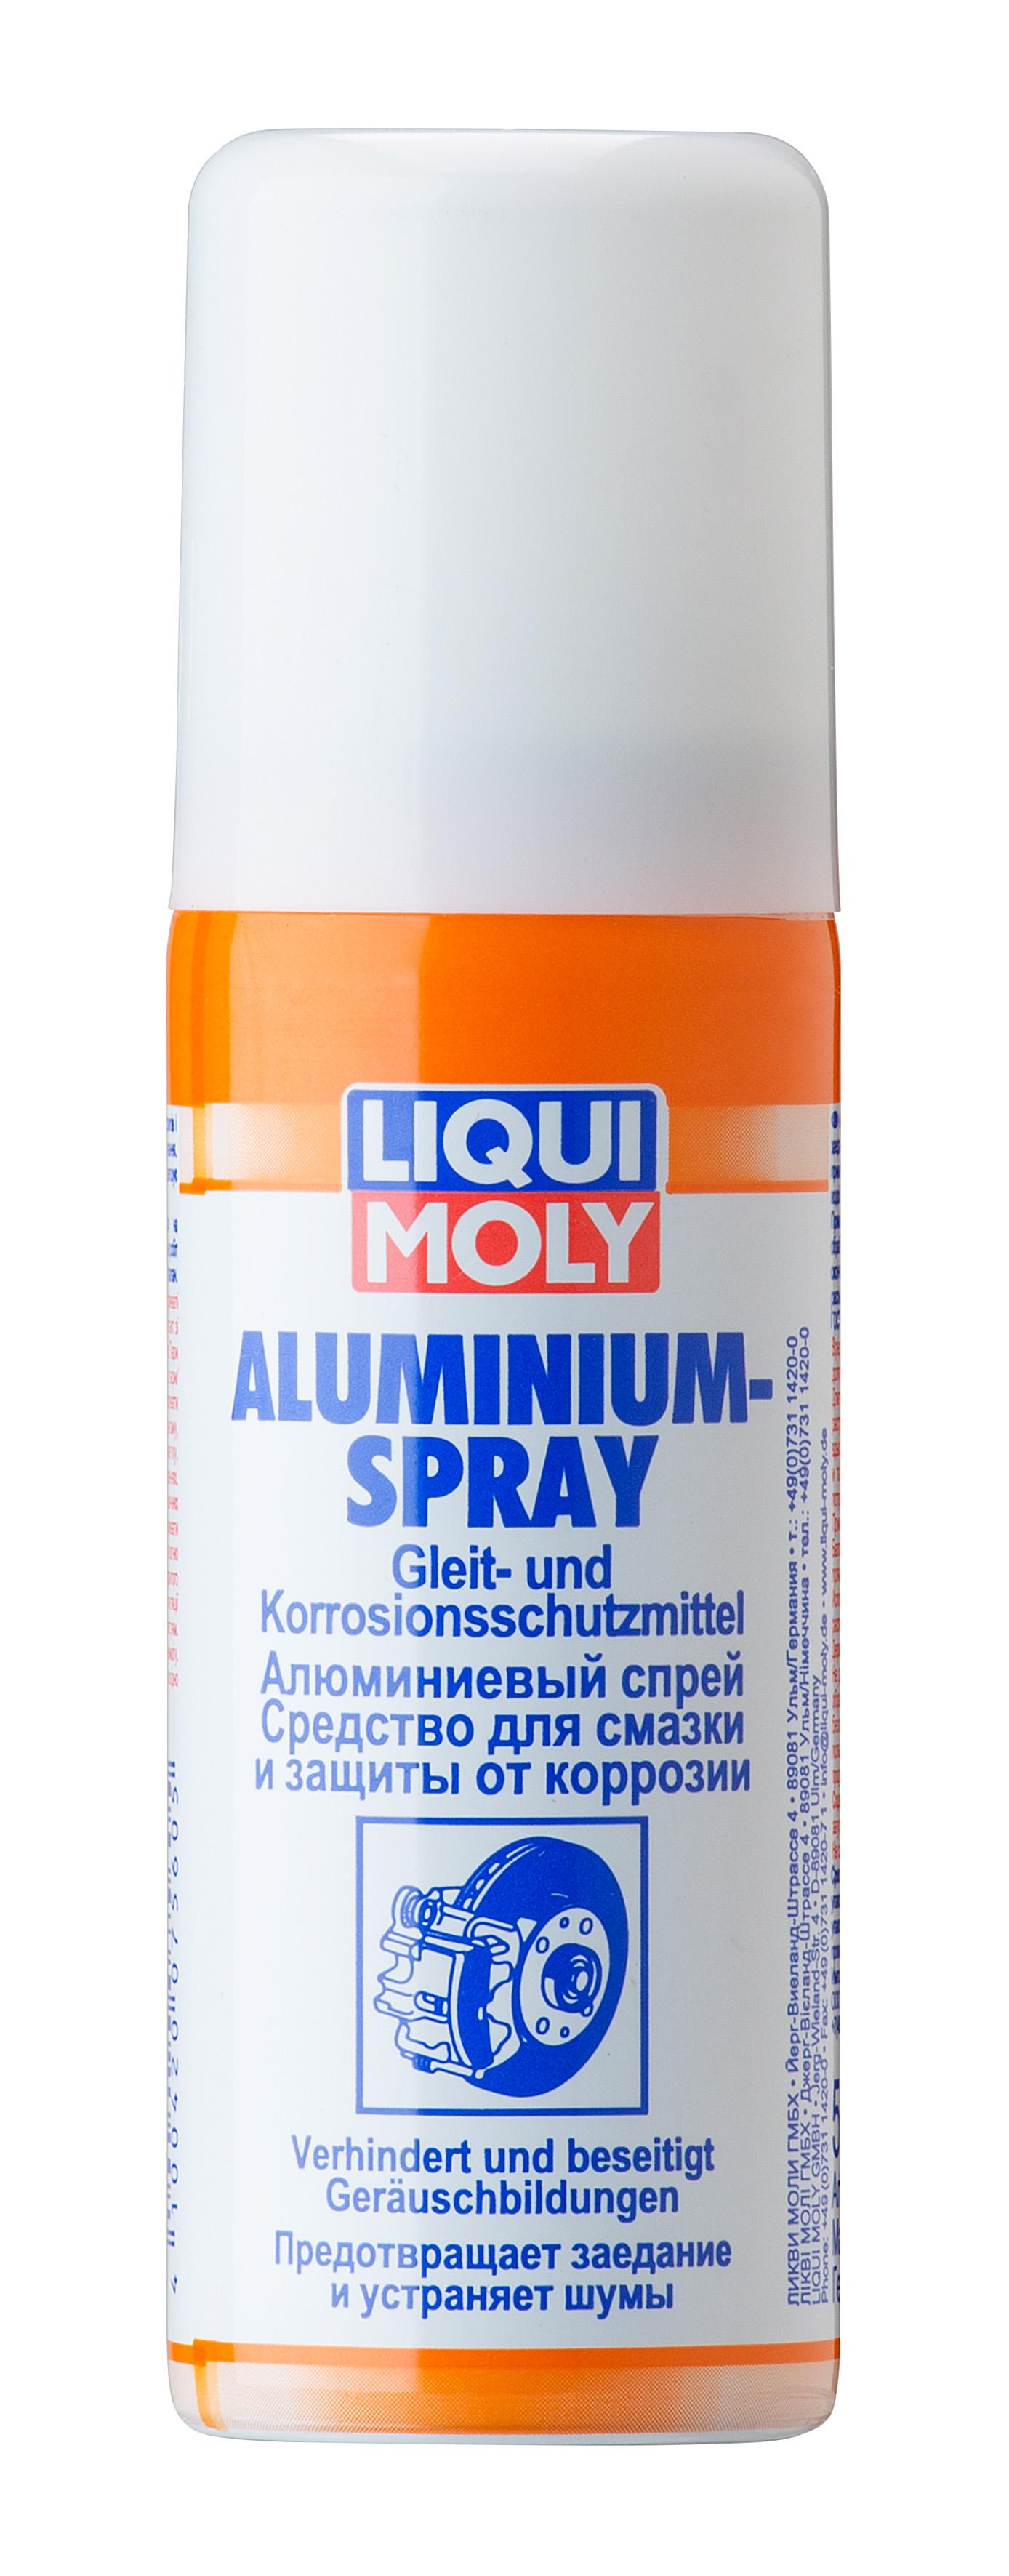 Алюминиевый спрей Aluminium-Spray